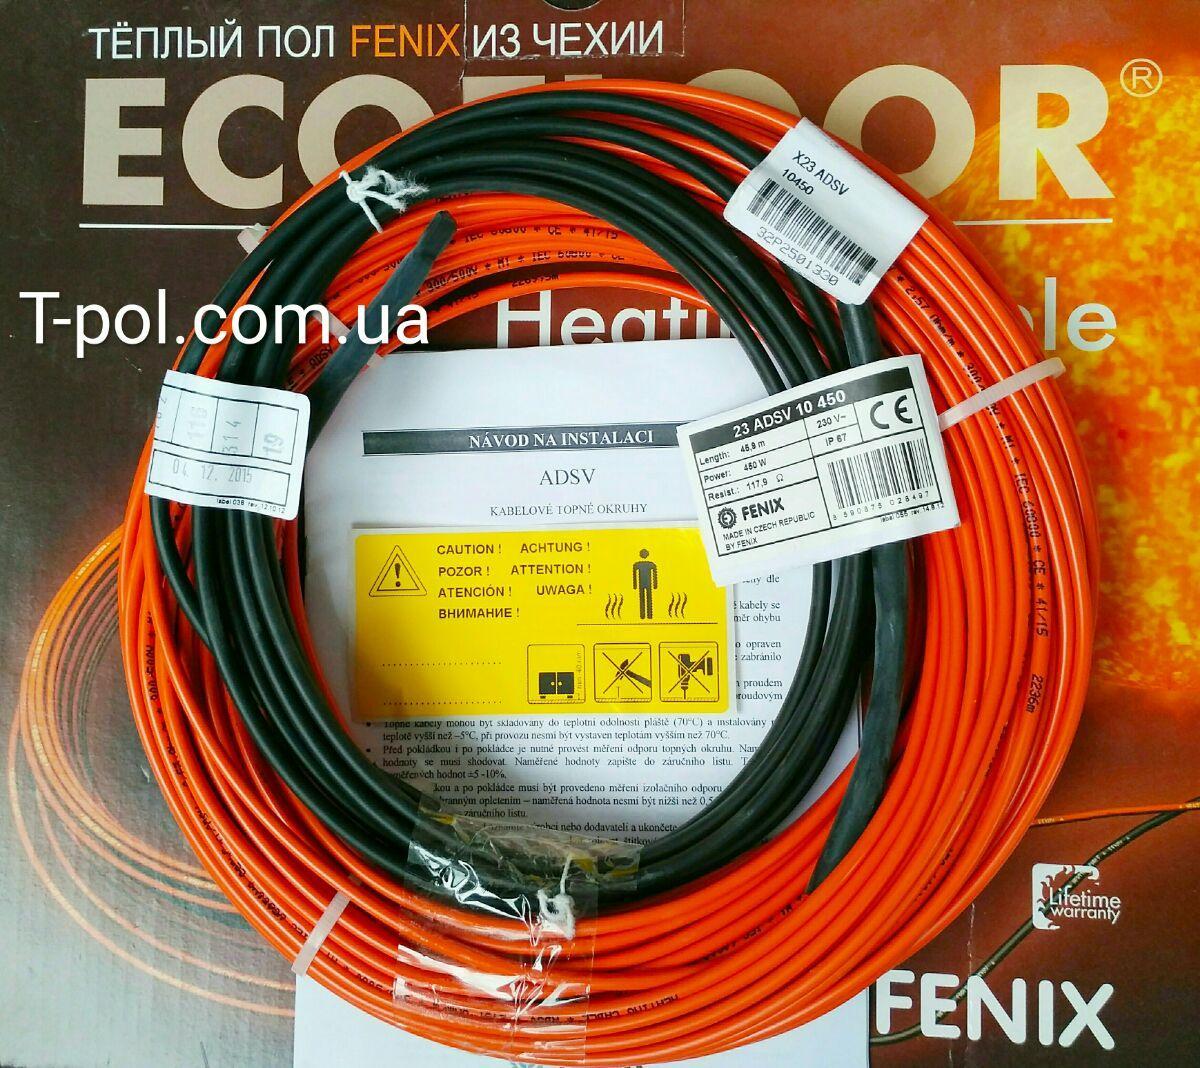 Нагревательный тонкий кабель Fenix adsv10 120Вт 11,4м чехия на 0,8 м2